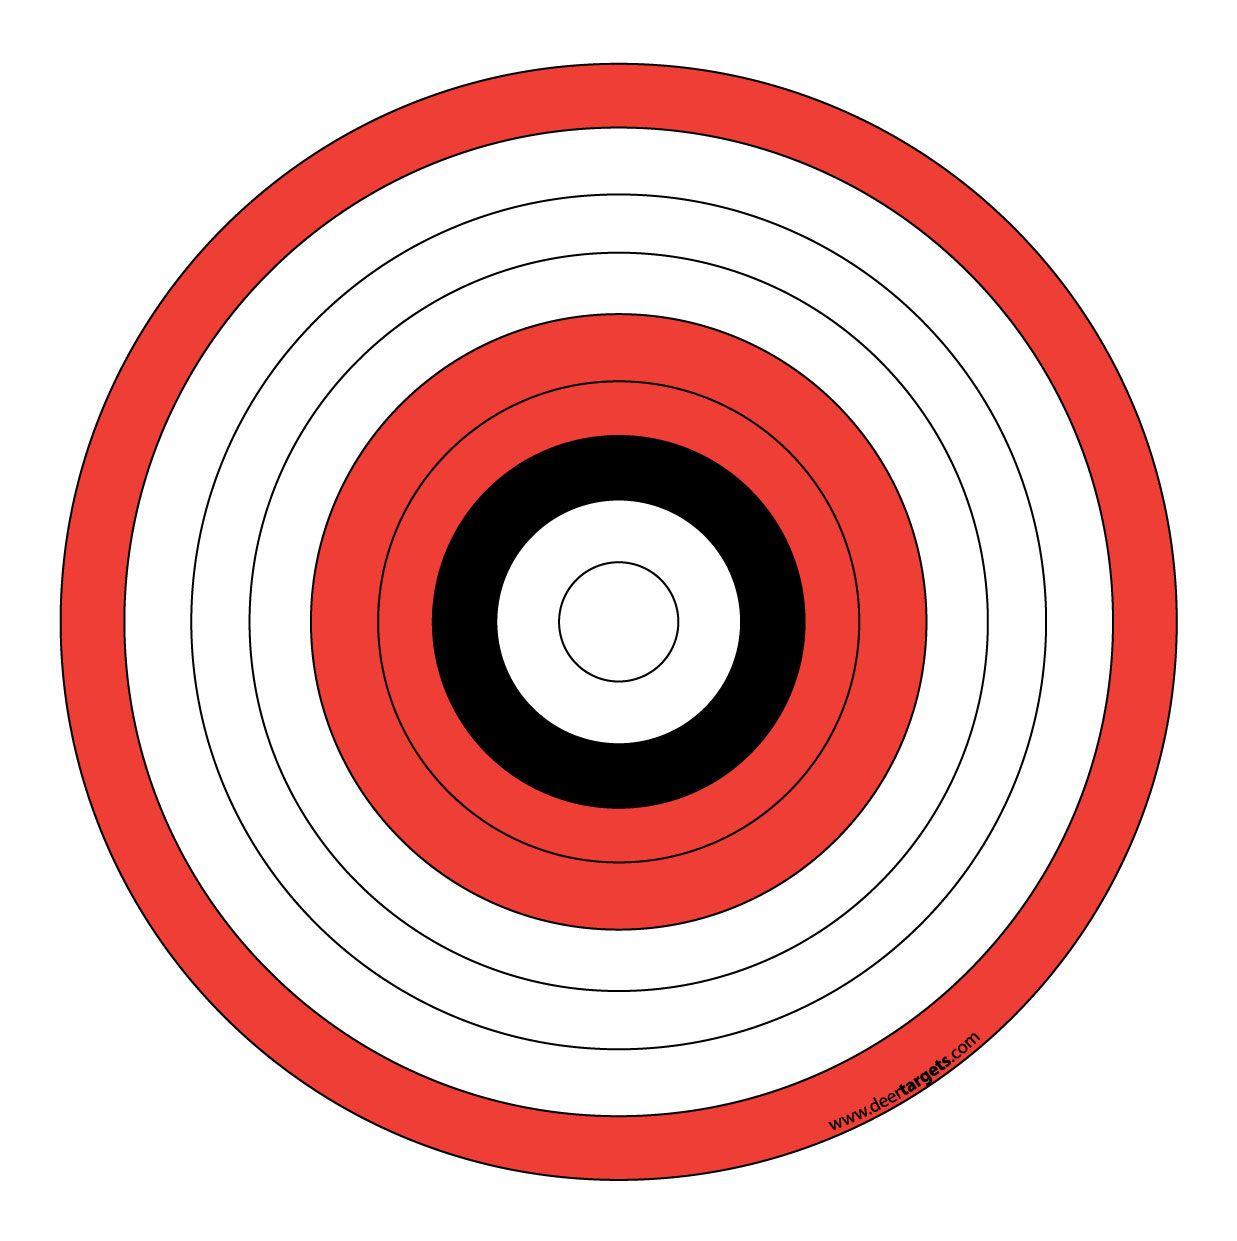 Printable Arrow Targets - 6.2.hus-Noorderpad.de • - Free Printable Targets For Shooting Practice